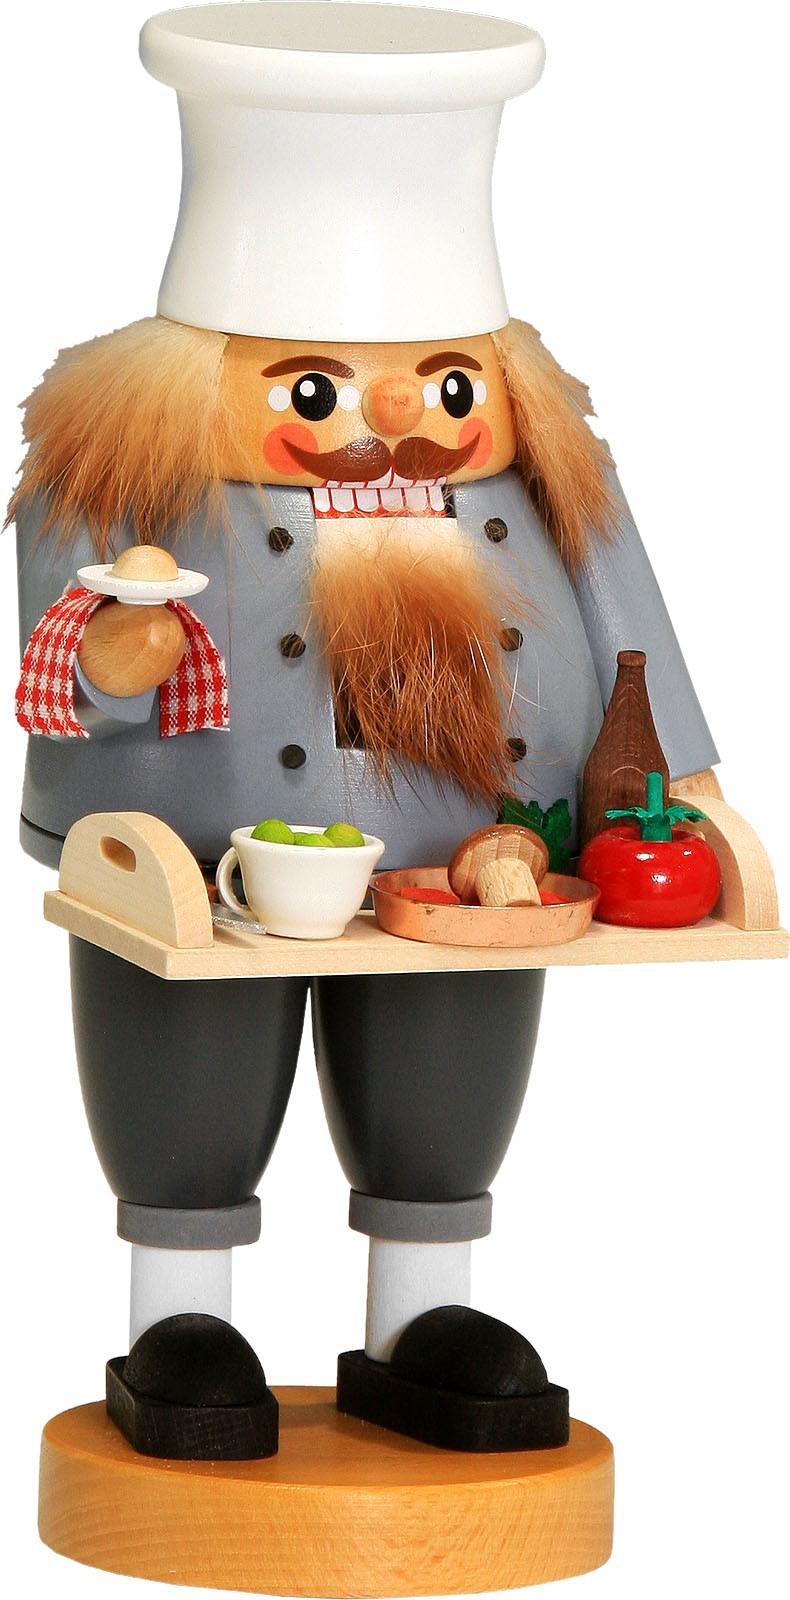 Nussknacker Gourmetkoch